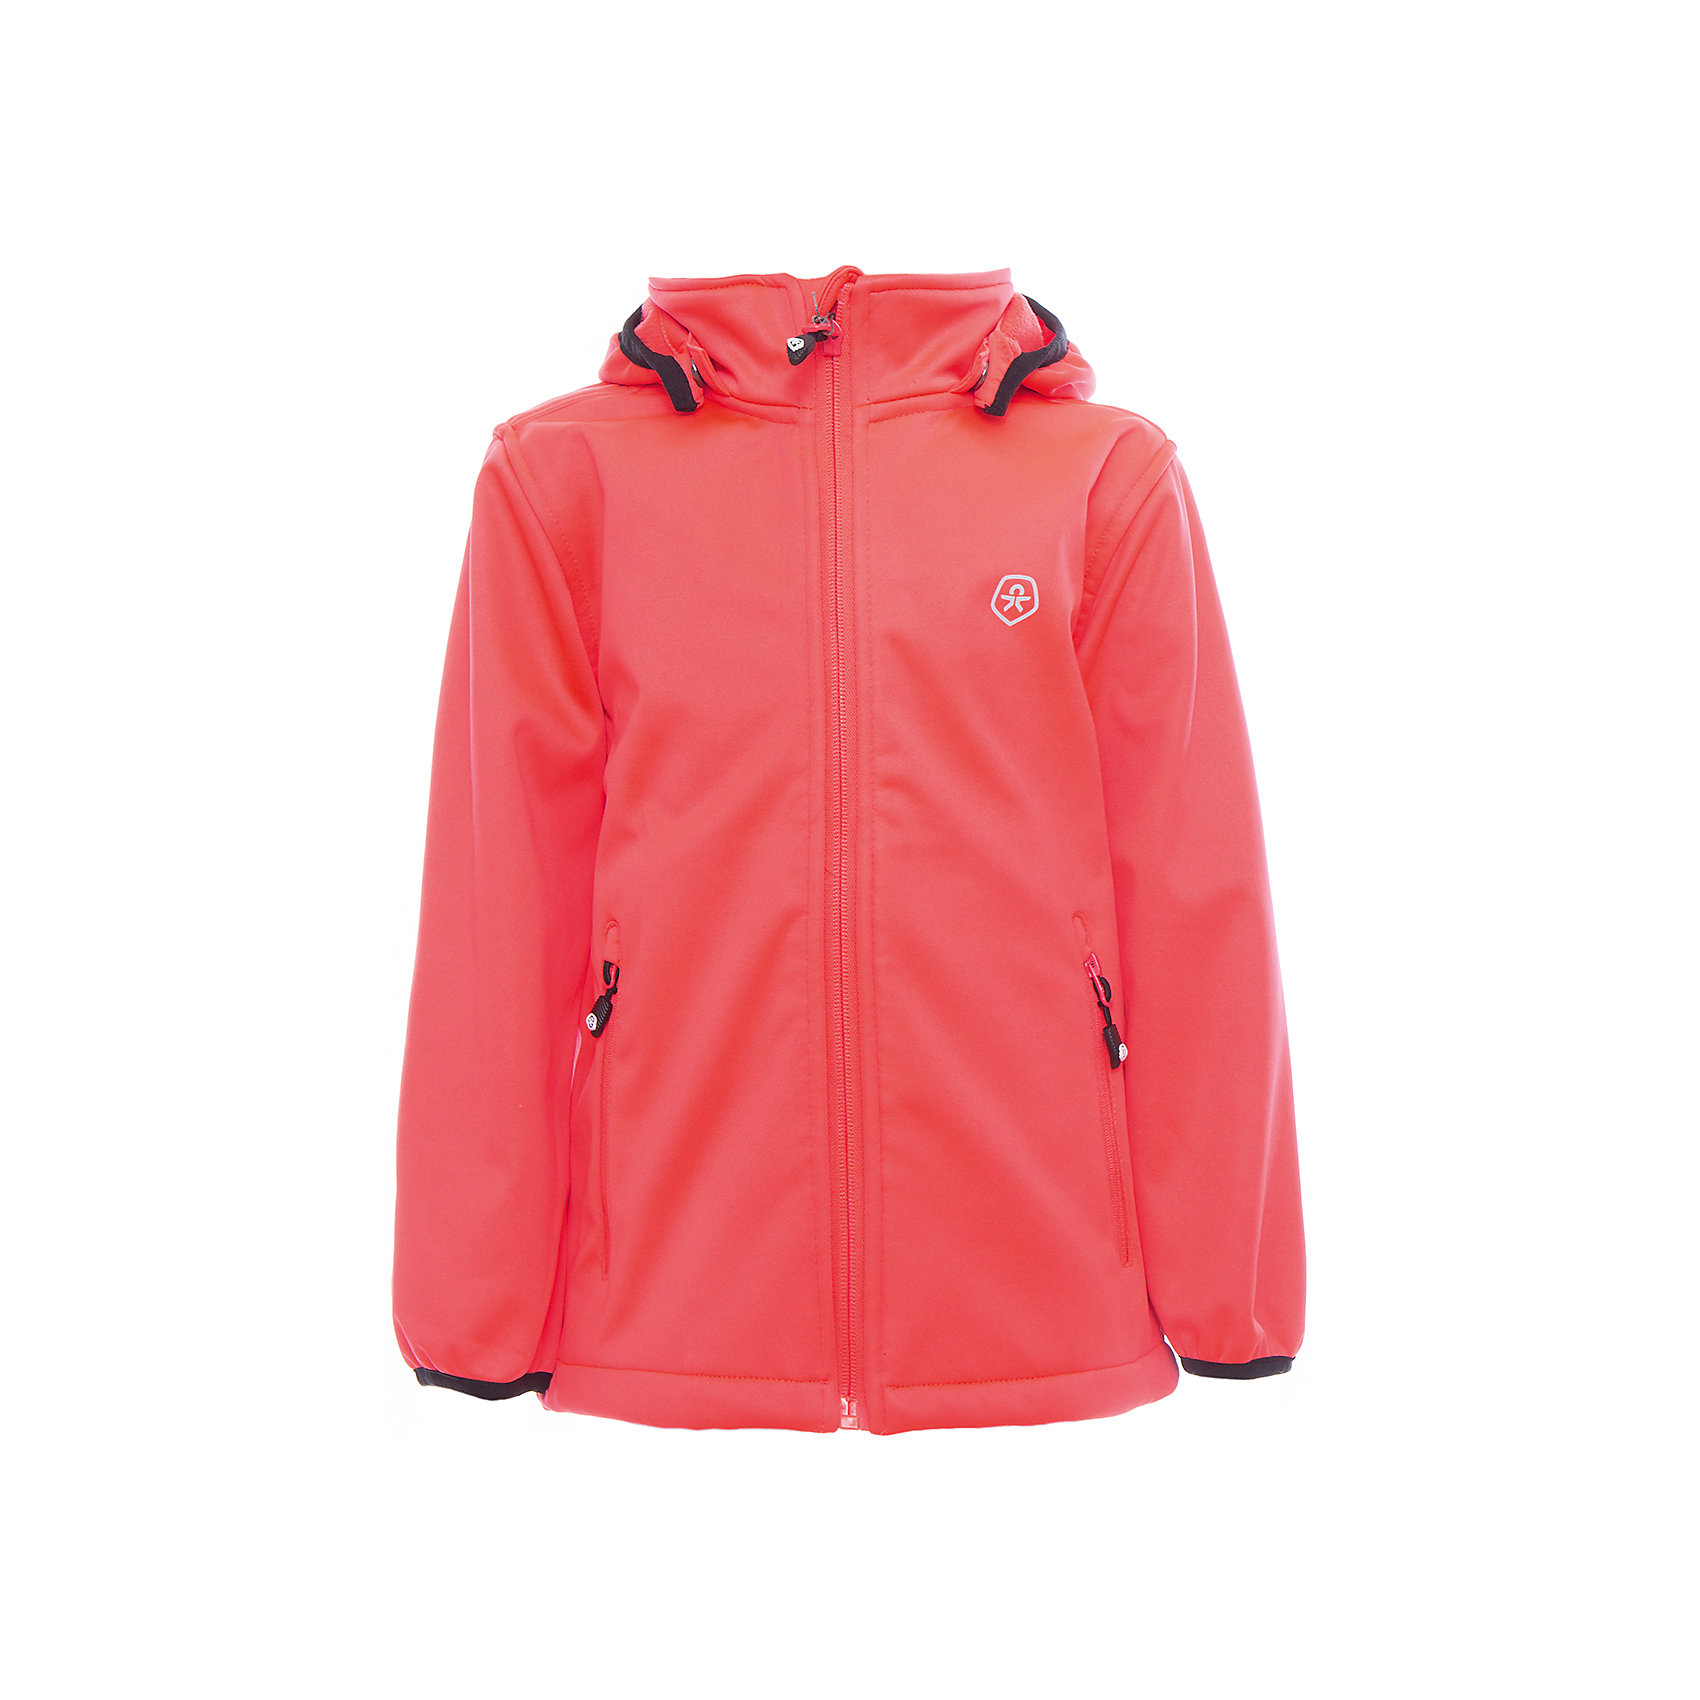 Куртка для девочки Color KidsВерхняя одежда<br>Характеристики товара:<br><br>• цвет: коралл<br>• состав: 100 % полиэстер, softshell клееный с флисом<br>• без утеплителя<br>• температурный режим: от +5°до +15°С<br>• мембранная технология<br>• водонепроницаемость: 5000 мм<br>• воздухопроницаемость: 1000 г/м2/24ч<br>• ветрозащитный<br>• регулируемый низ куртки<br>• светоотражающие детали<br>• застежка: молния<br>• съёмный капюшон на кнопках<br>• защита подбородка<br>• два кармана на молнии<br>• логотип<br>• страна бренда: Дания<br><br>Эта симпатичная и удобная куртка сделана из непромокаемого легкого материала, поэтому отлично подойдет для дождливой погоды в весенне-летний сезон. Она комфортно сидит и обеспечивает ребенку необходимое удобство. Очень стильно смотрится. <br><br>Куртку для мальчика от датского бренда Color Kids (Колор кидз) можно купить в нашем интернет-магазине.<br><br>Ширина мм: 356<br>Глубина мм: 10<br>Высота мм: 245<br>Вес г: 519<br>Цвет: розовый<br>Возраст от месяцев: 24<br>Возраст до месяцев: 36<br>Пол: Женский<br>Возраст: Детский<br>Размер: 98,104,110,116,122,128,140,152,92<br>SKU: 5443250